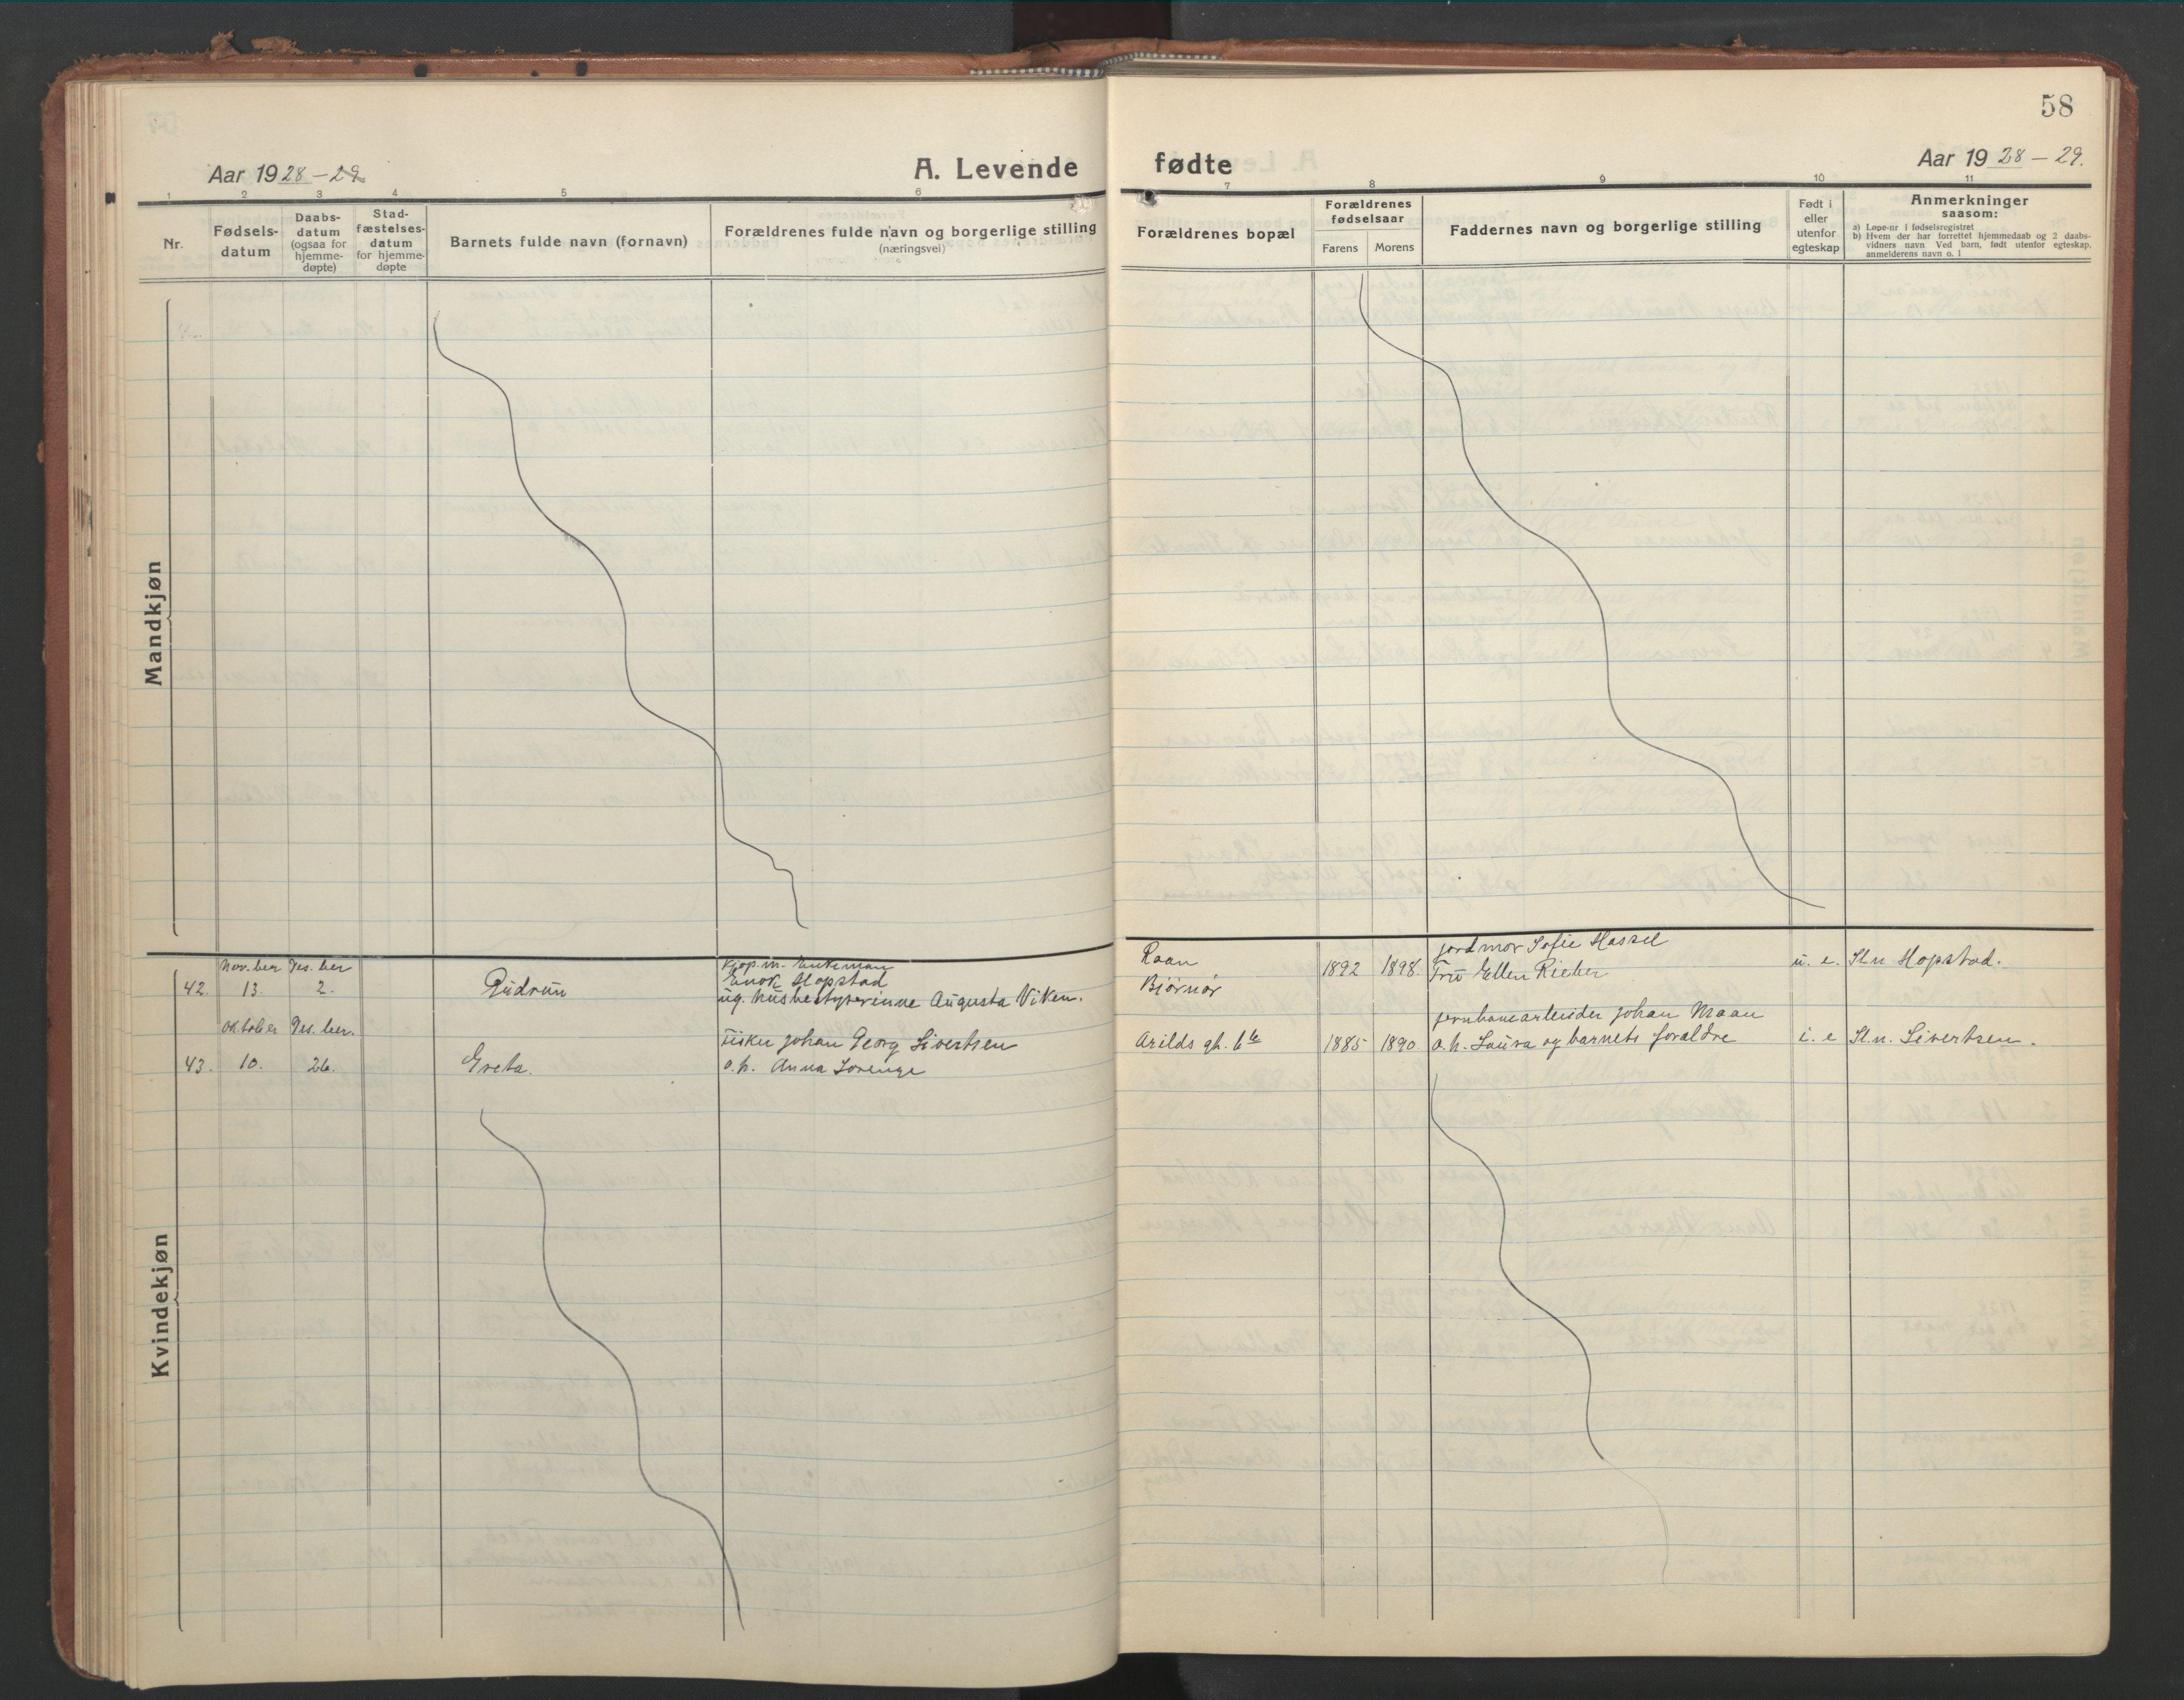 SAT, Ministerialprotokoller, klokkerbøker og fødselsregistre - Sør-Trøndelag, 603/L0174: Klokkerbok nr. 603C02, 1923-1951, s. 58